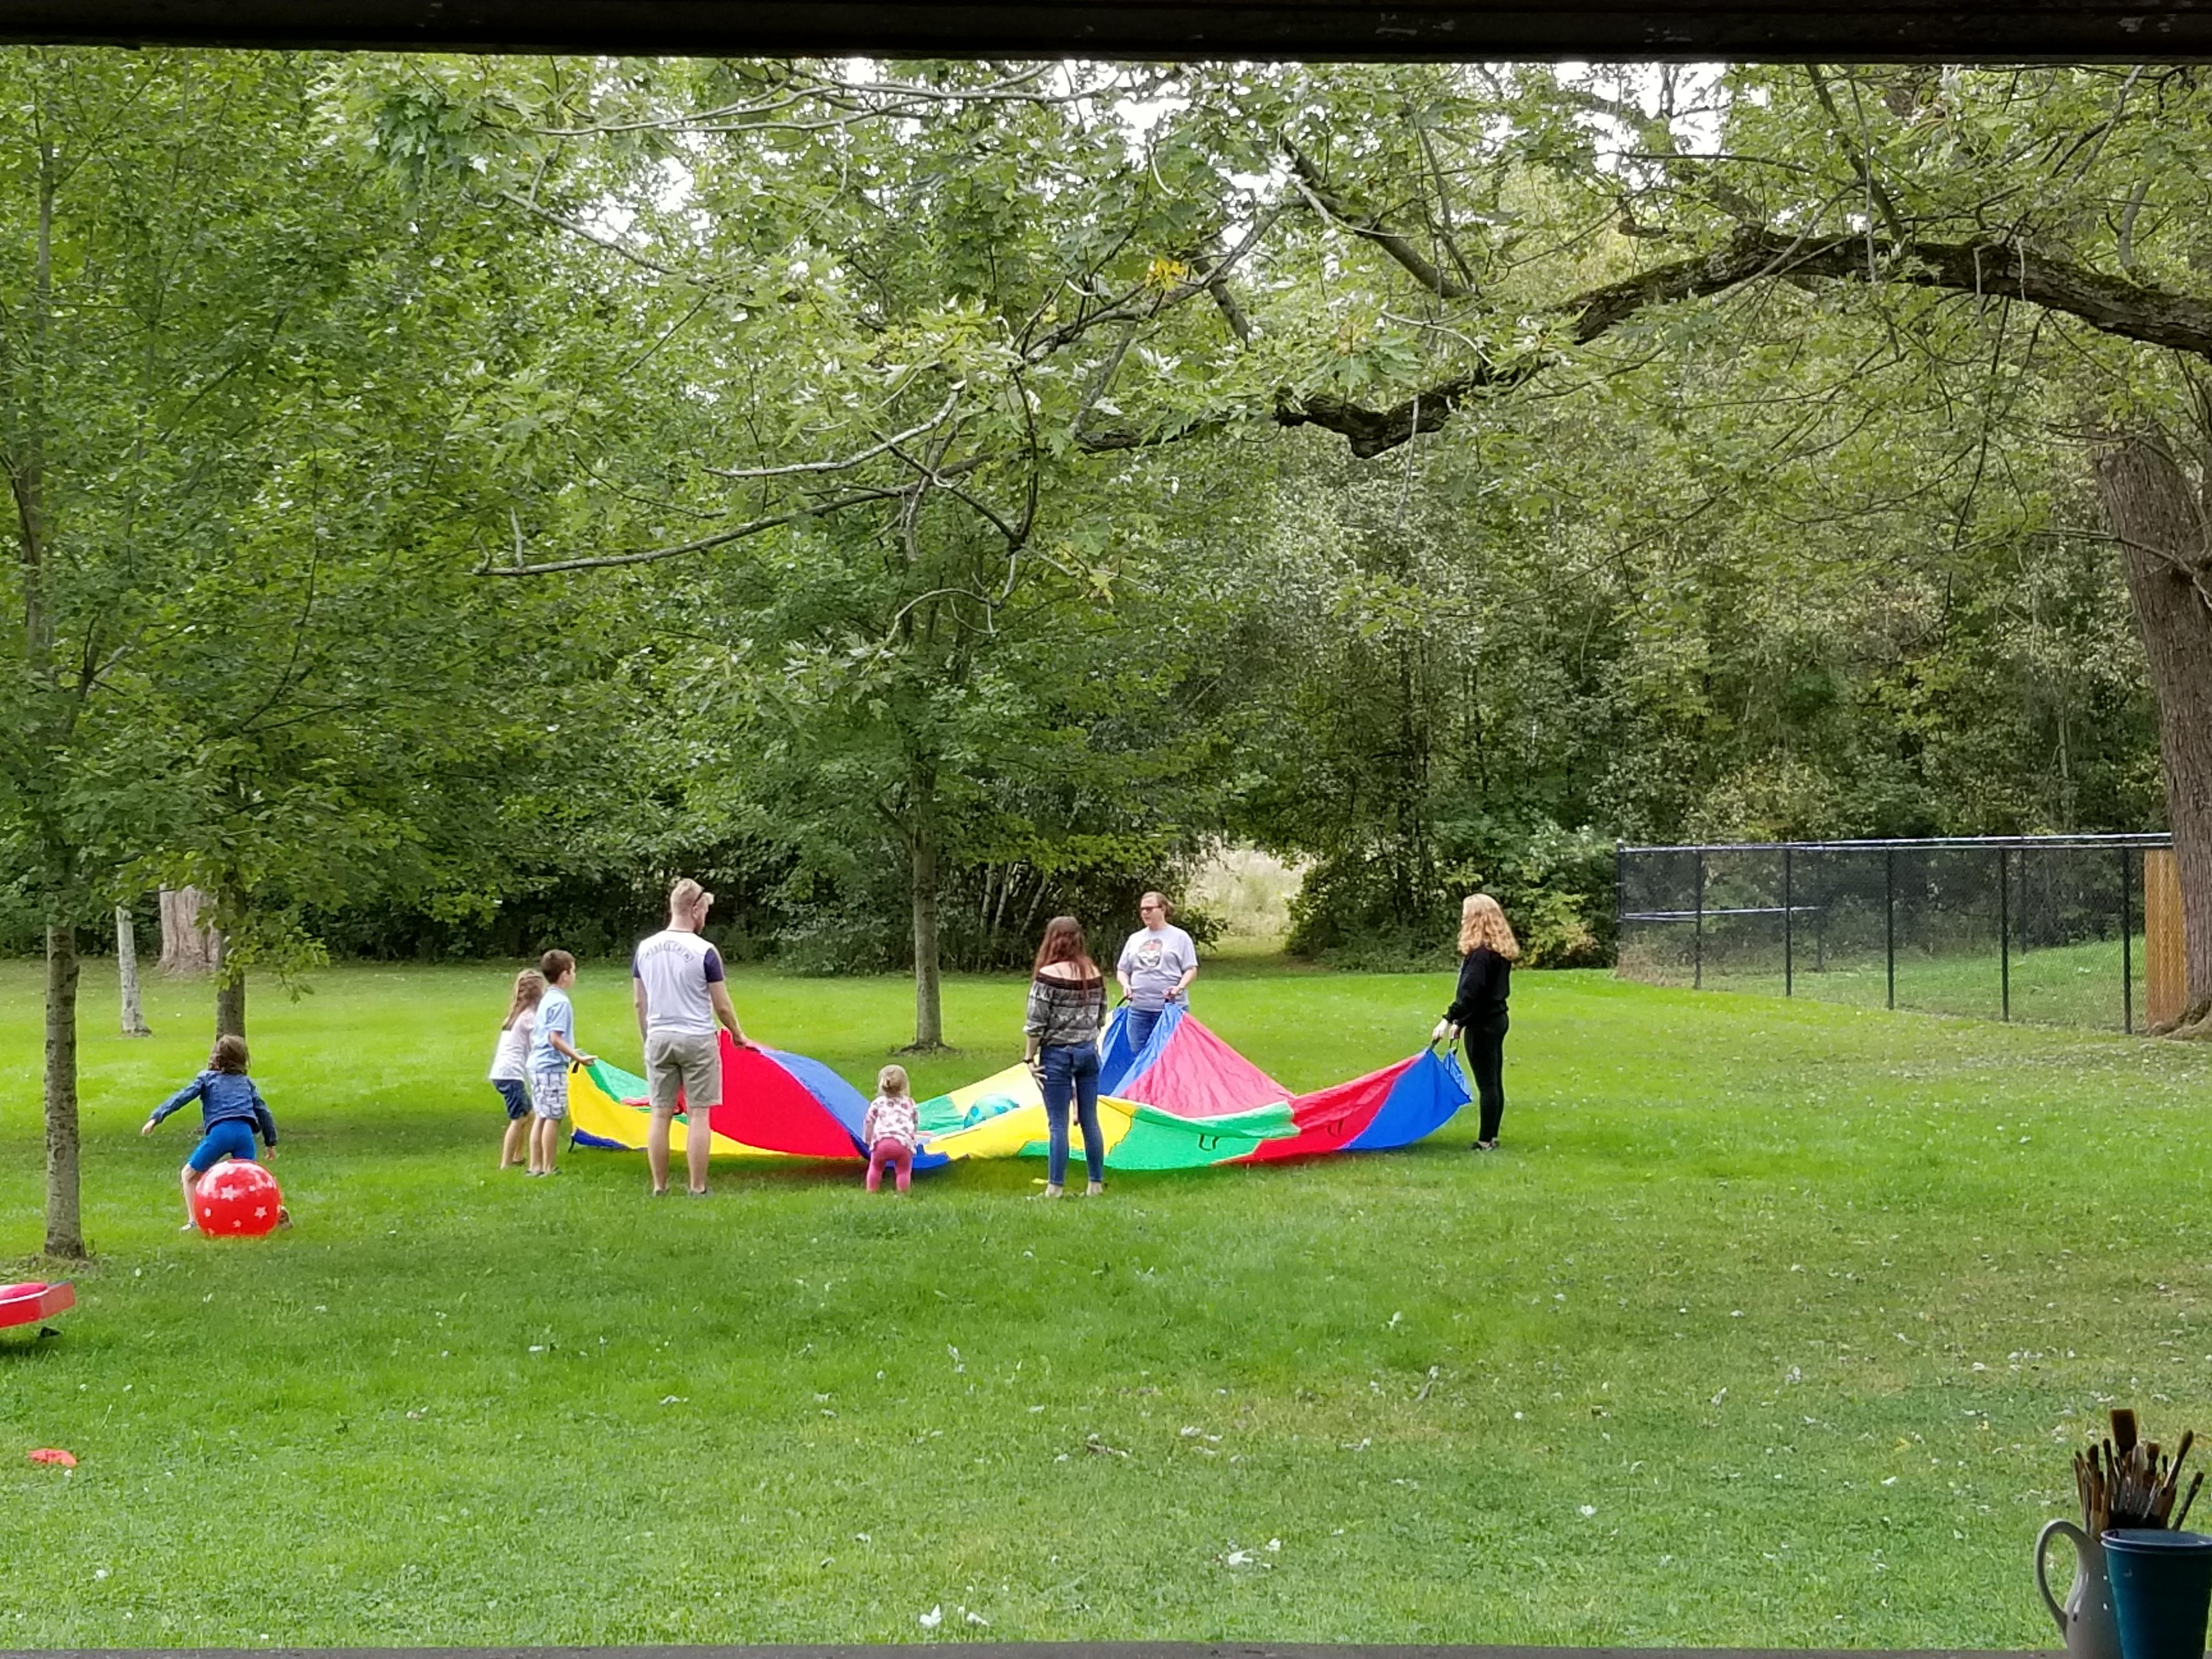 parachute play at the picnic